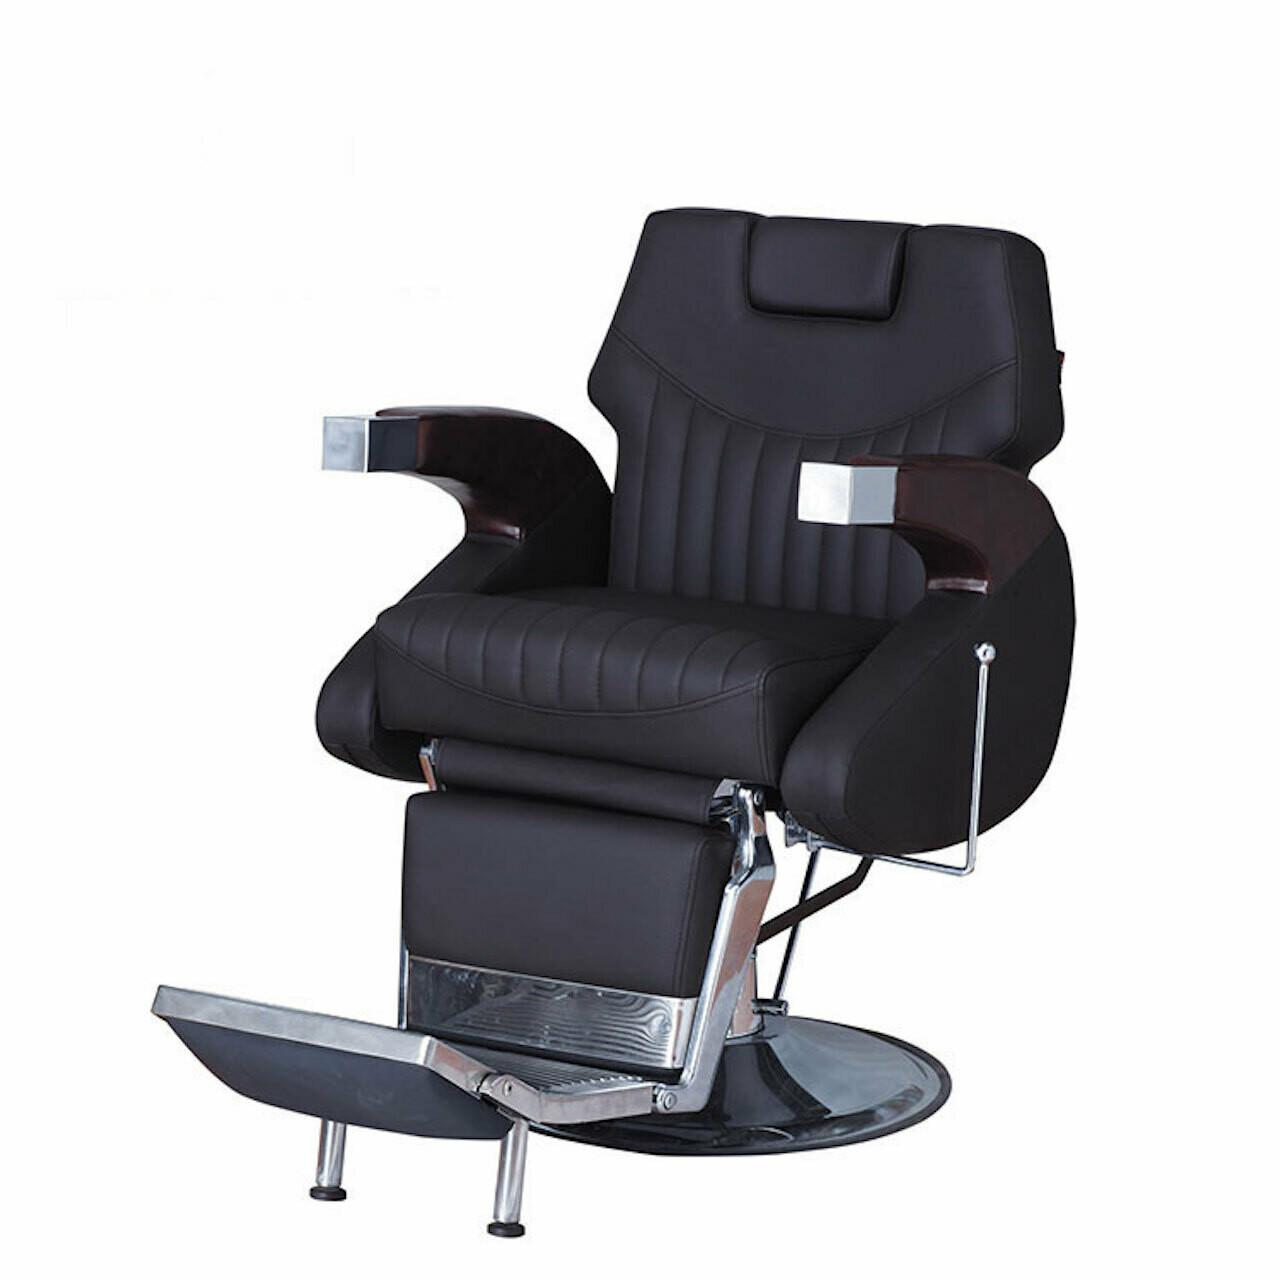 Парикмахерское барбер кресло 3309 для барбершопа